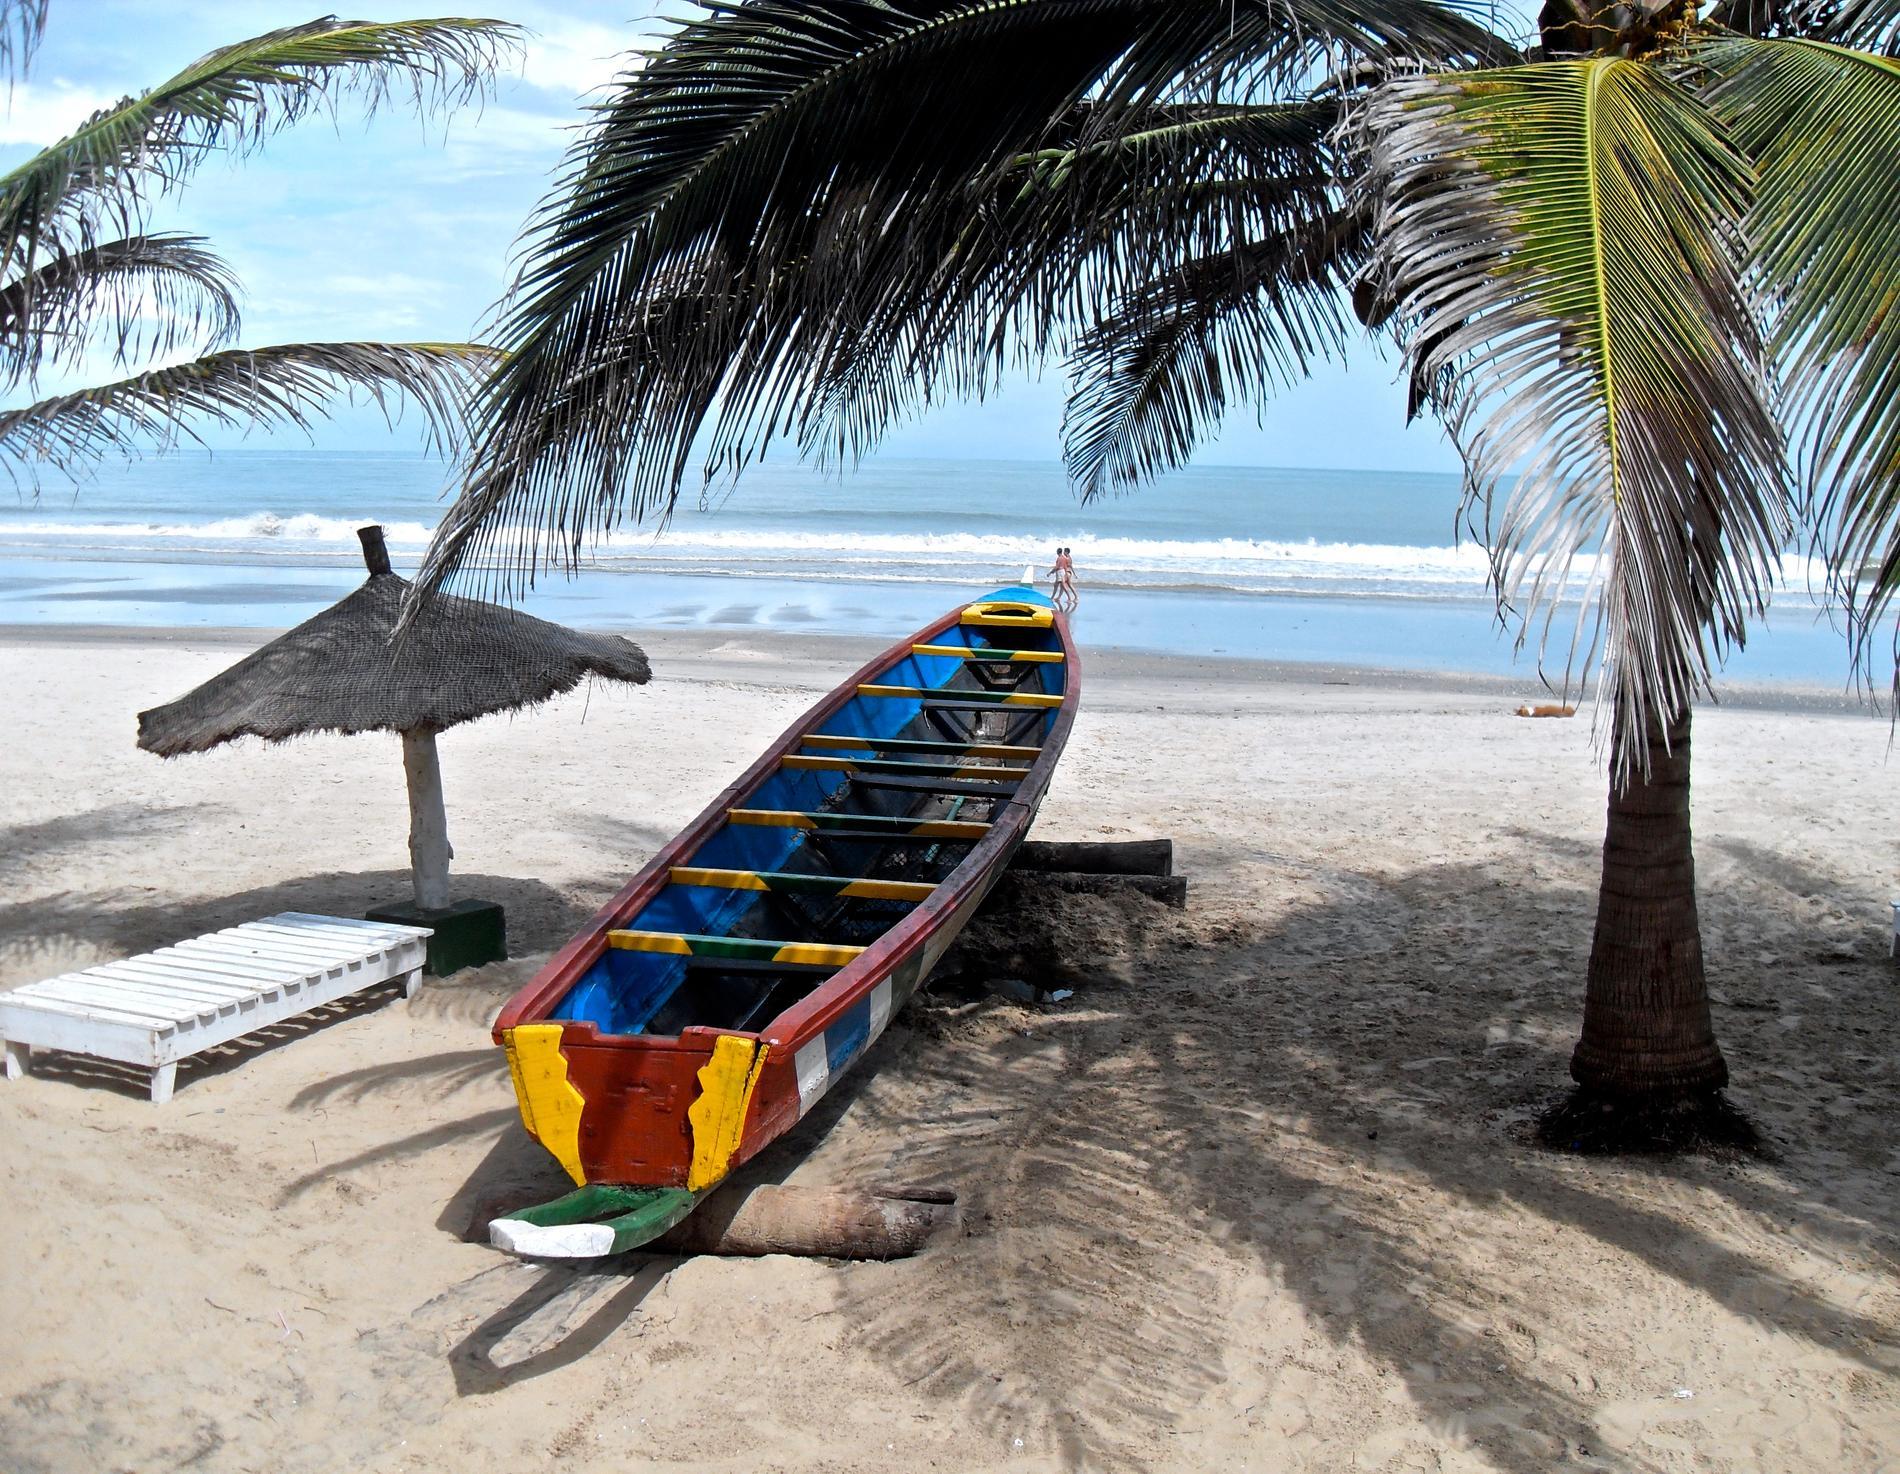 Gambia var ett populärt turistland förr, och det är påväg tillbaka.